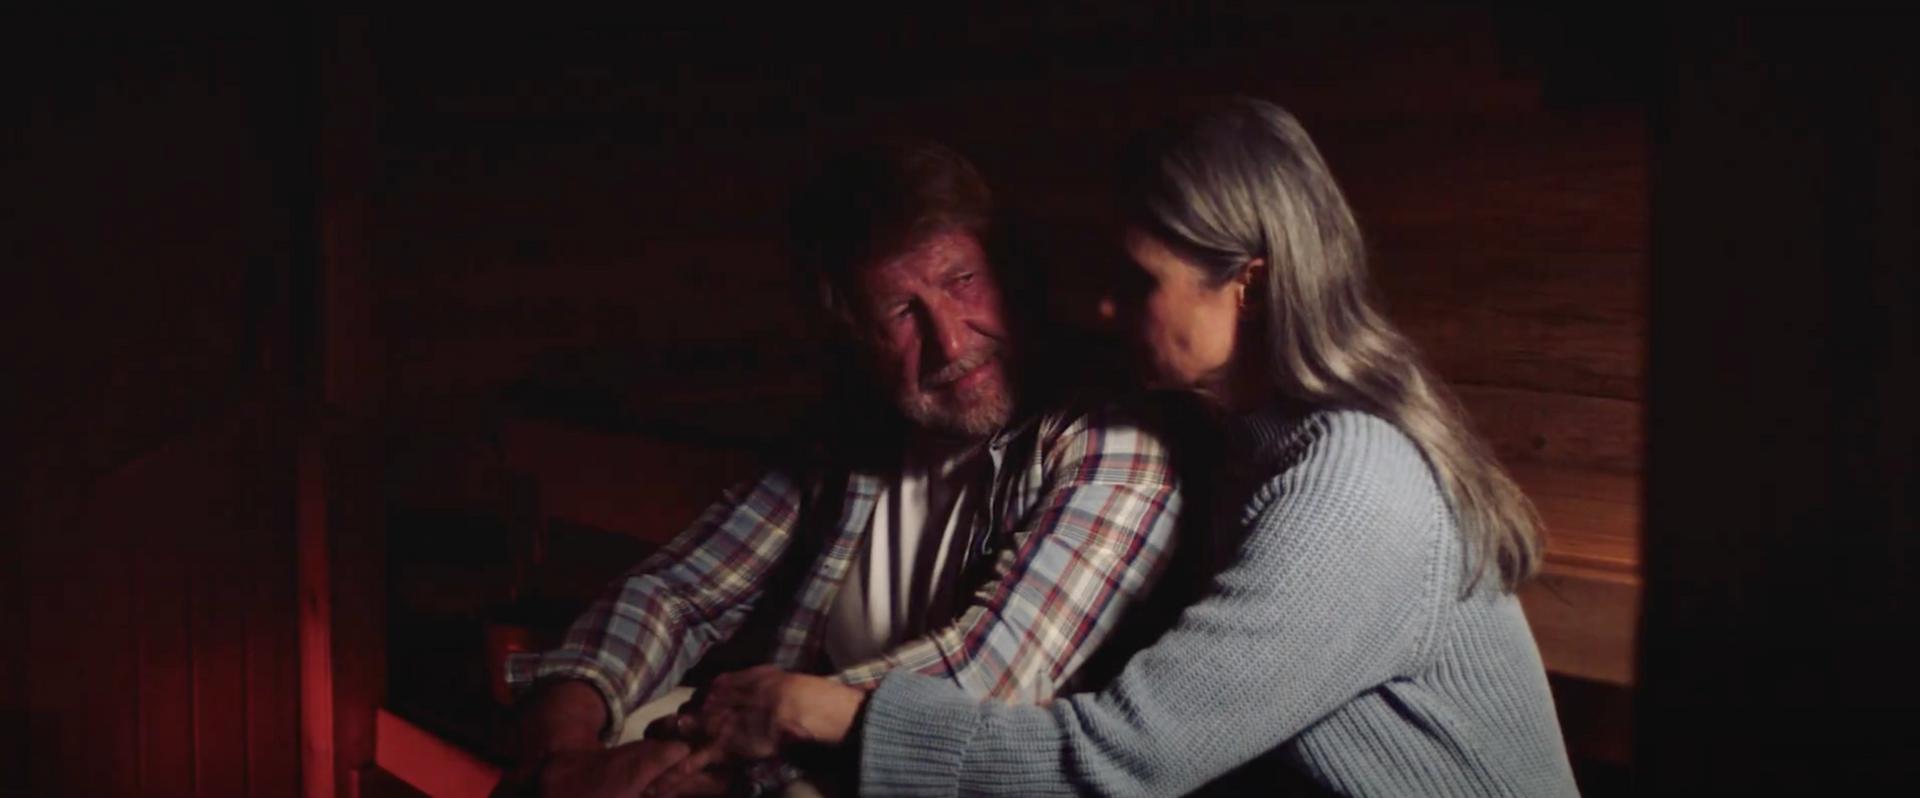 Cinematographer / Samae Koskinen - Tää on se hetki